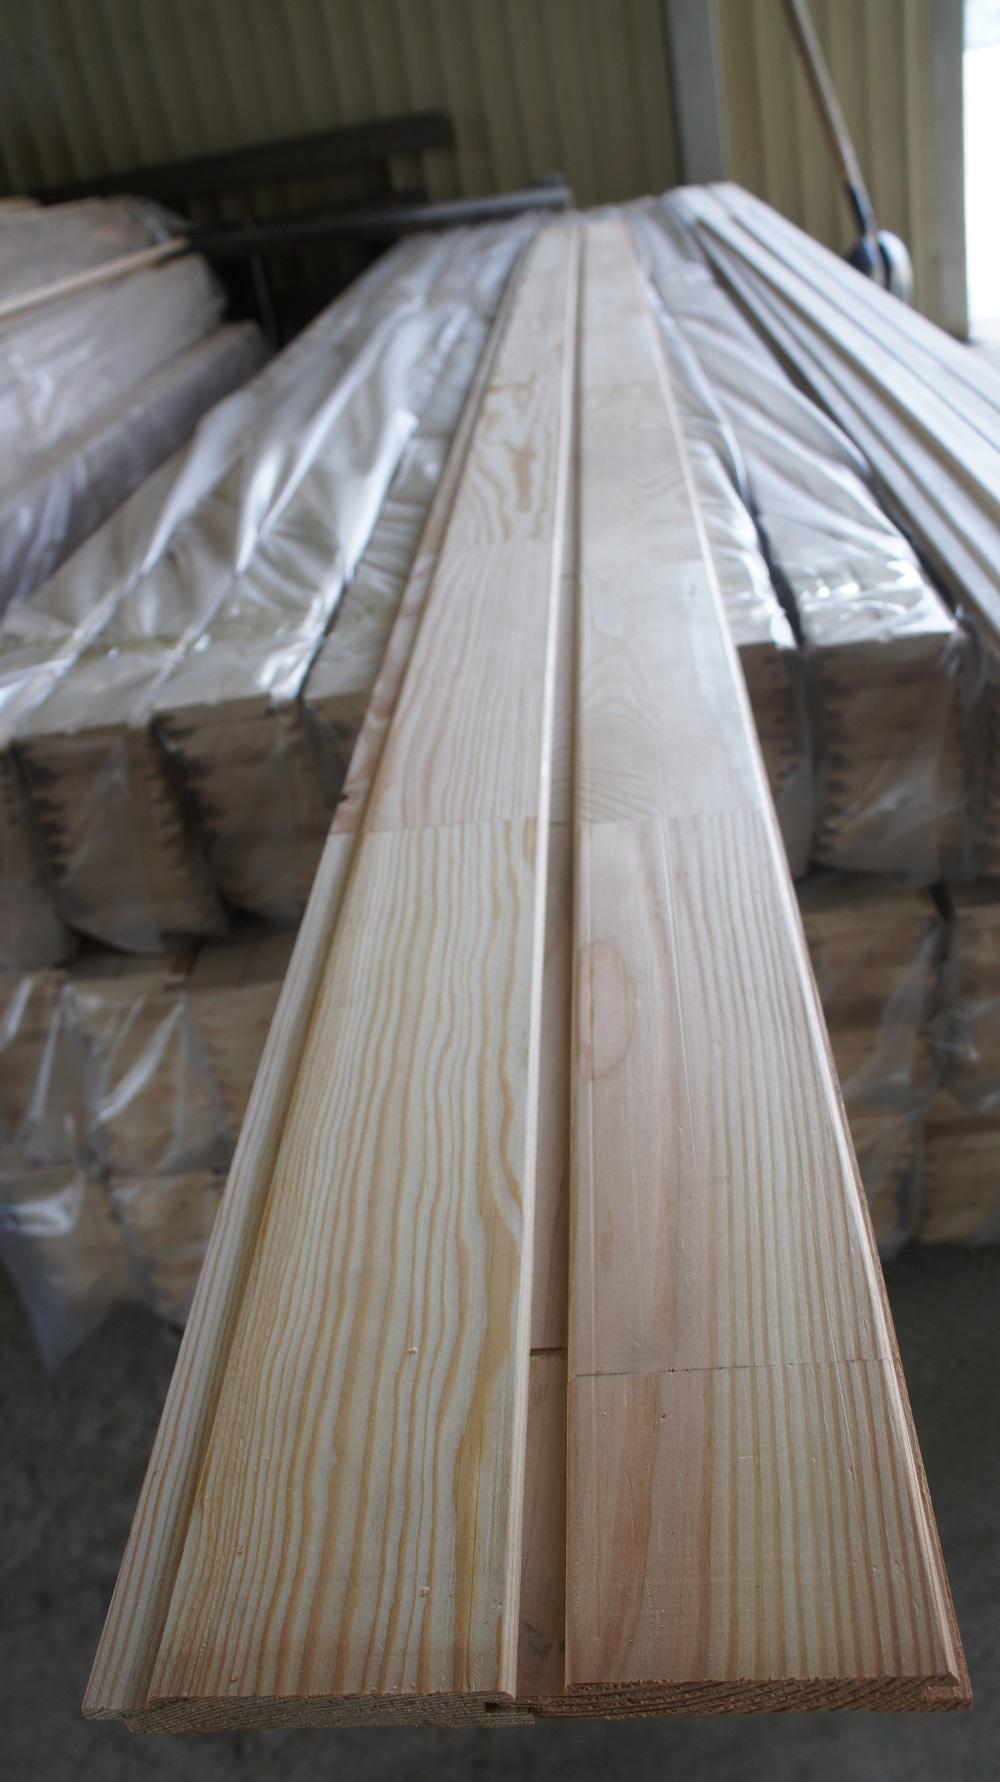 목재 사이딩은 벽 패널-조작 바닥재 -상품 ID:50002491904-korean.alibaba.com